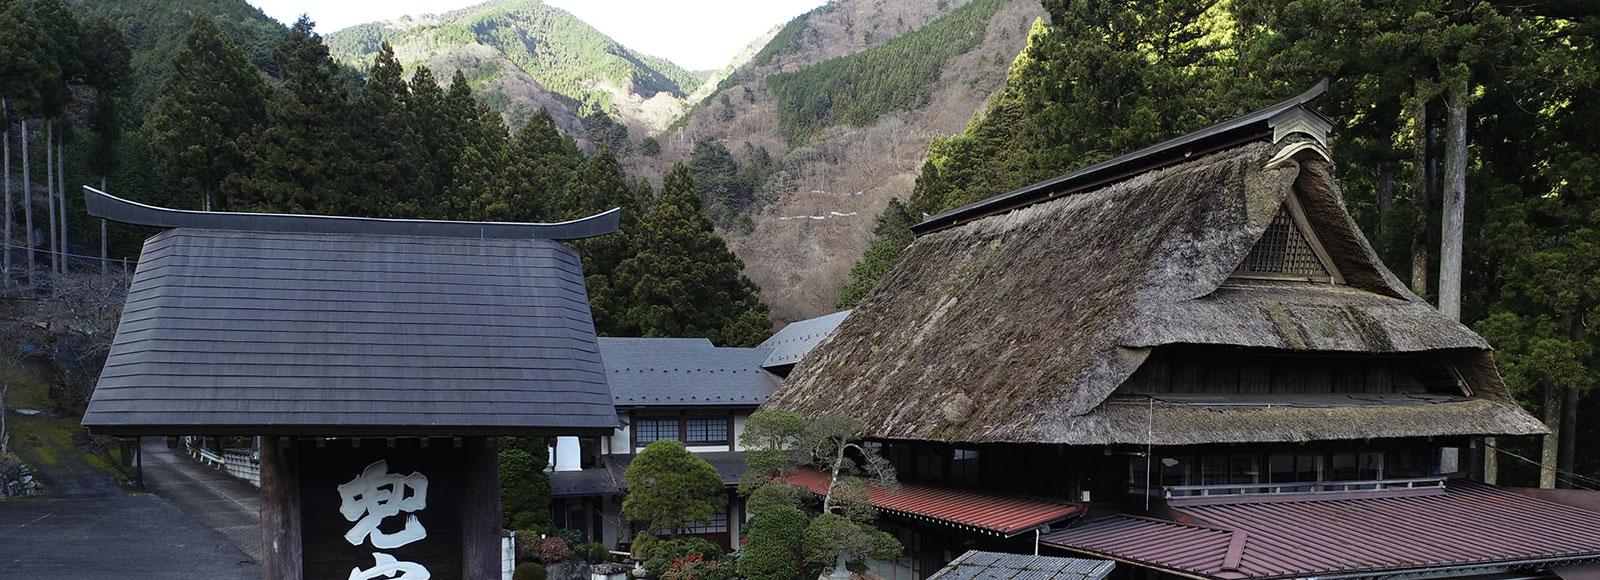 宿泊で楽しむ青梅、奥多摩、秋川渓谷の冬